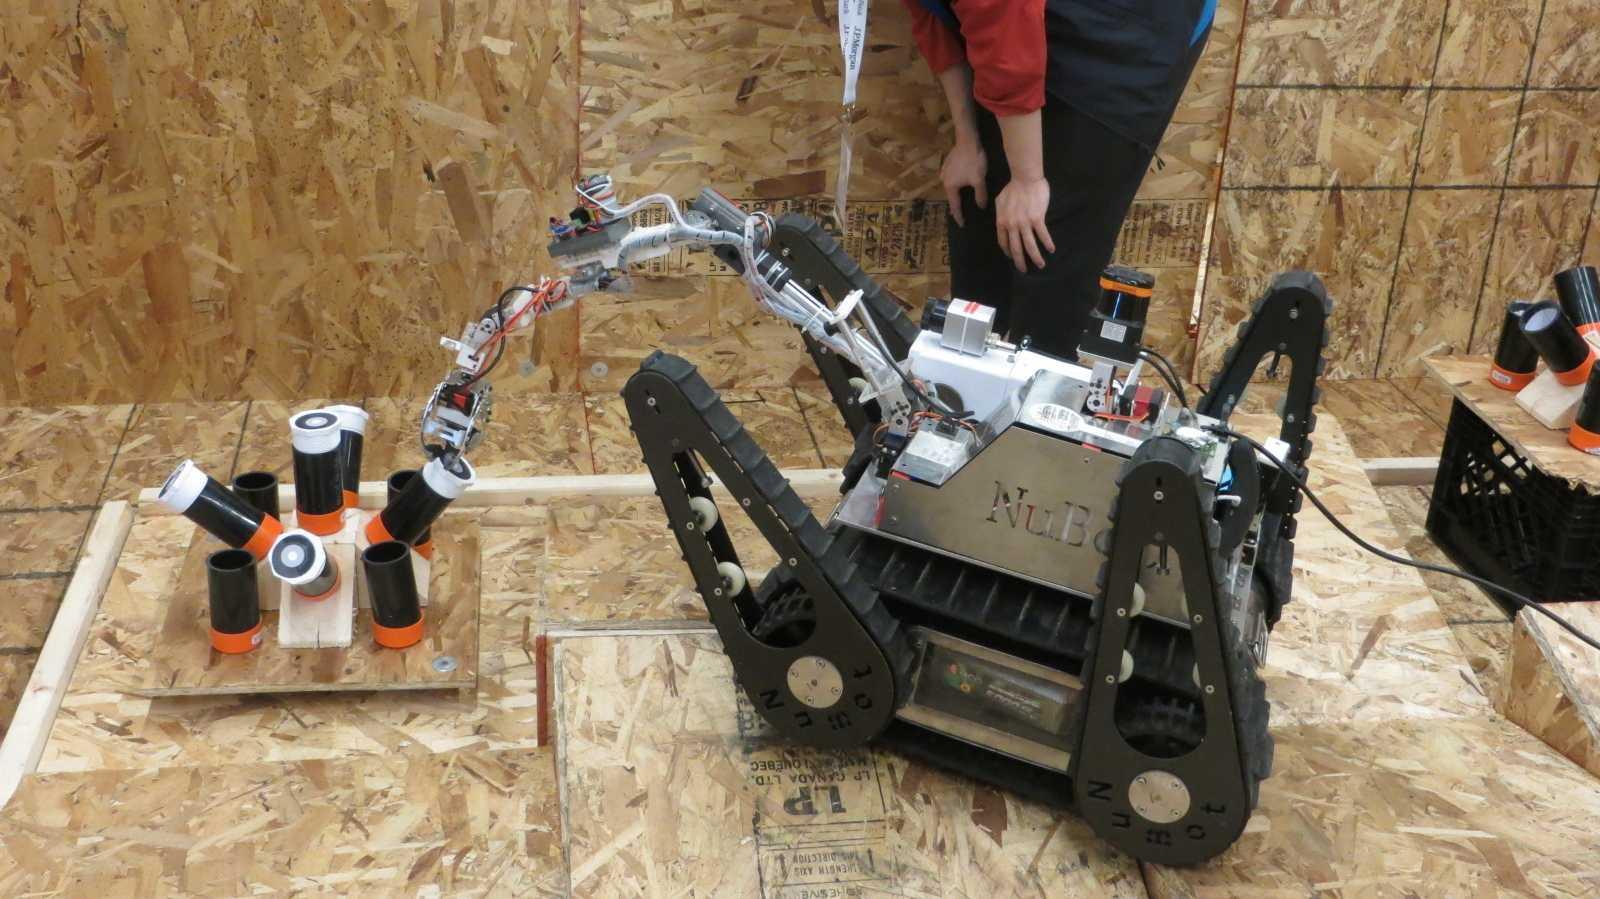 RoboCup-WM: Die Wettbewerbe für Rettungsroboter